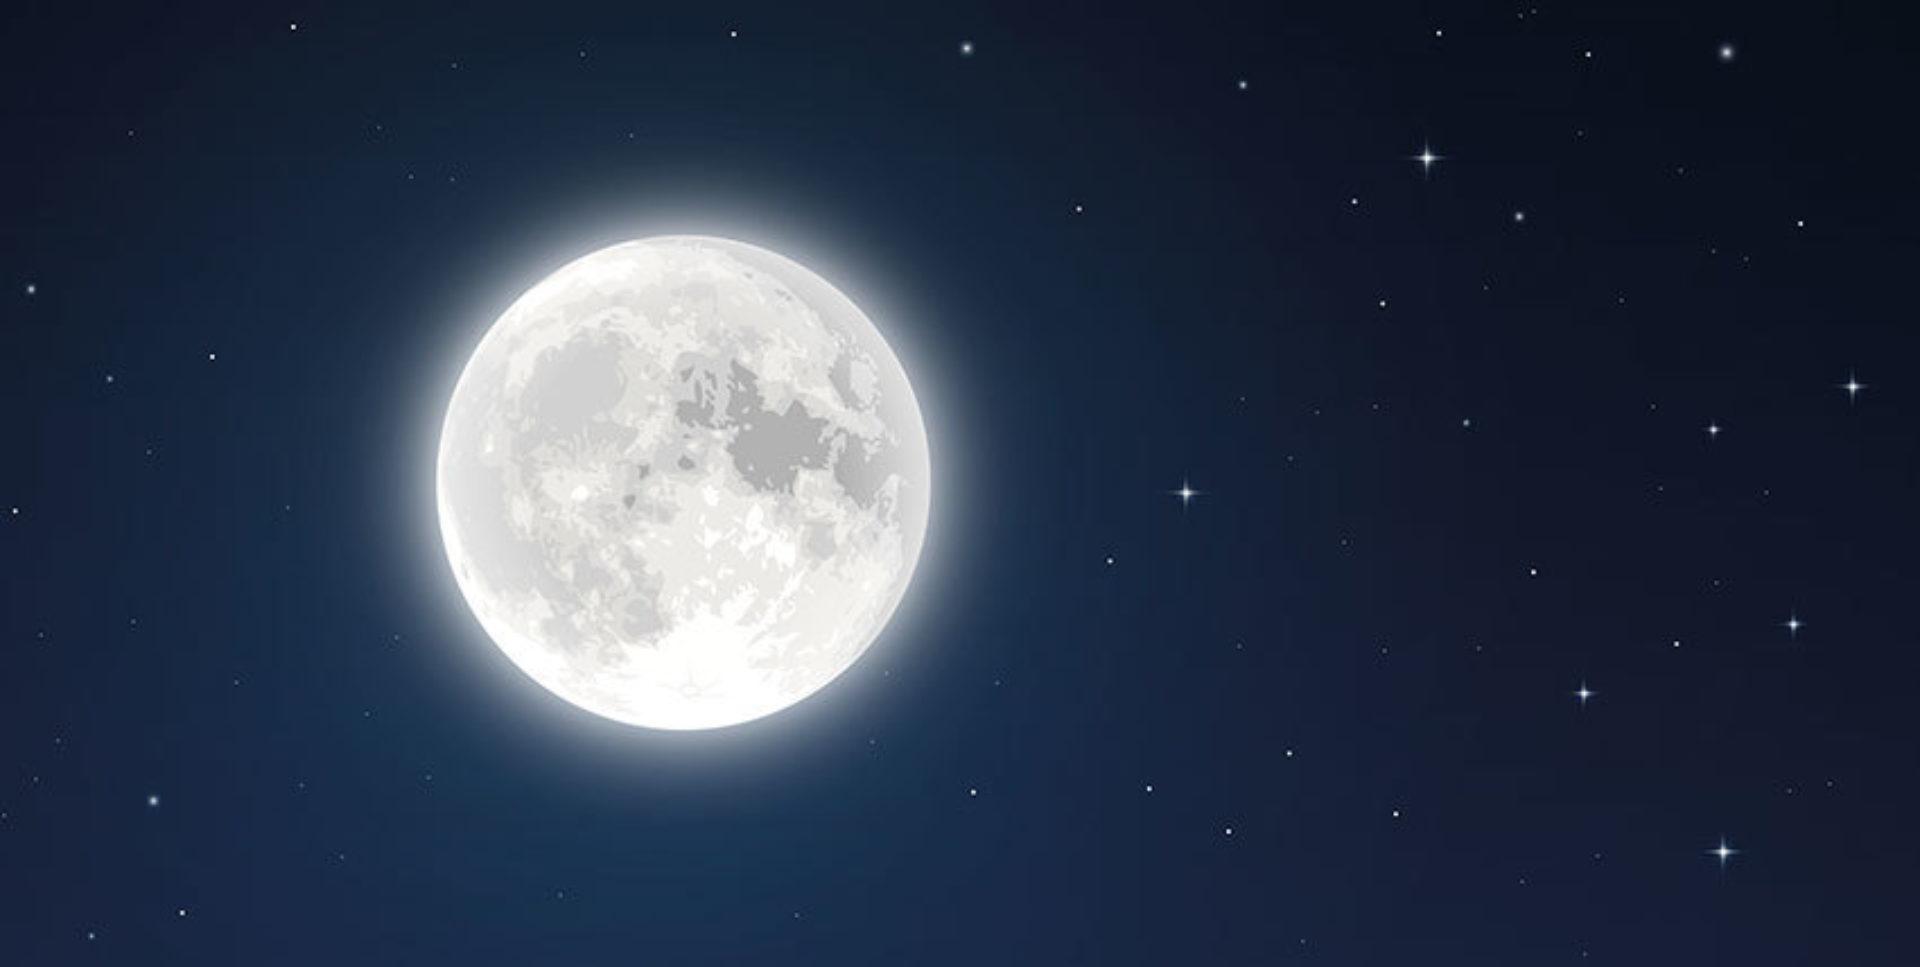 Verbind je met de maanfasen en geef je leven meer glans en kracht - 4/4